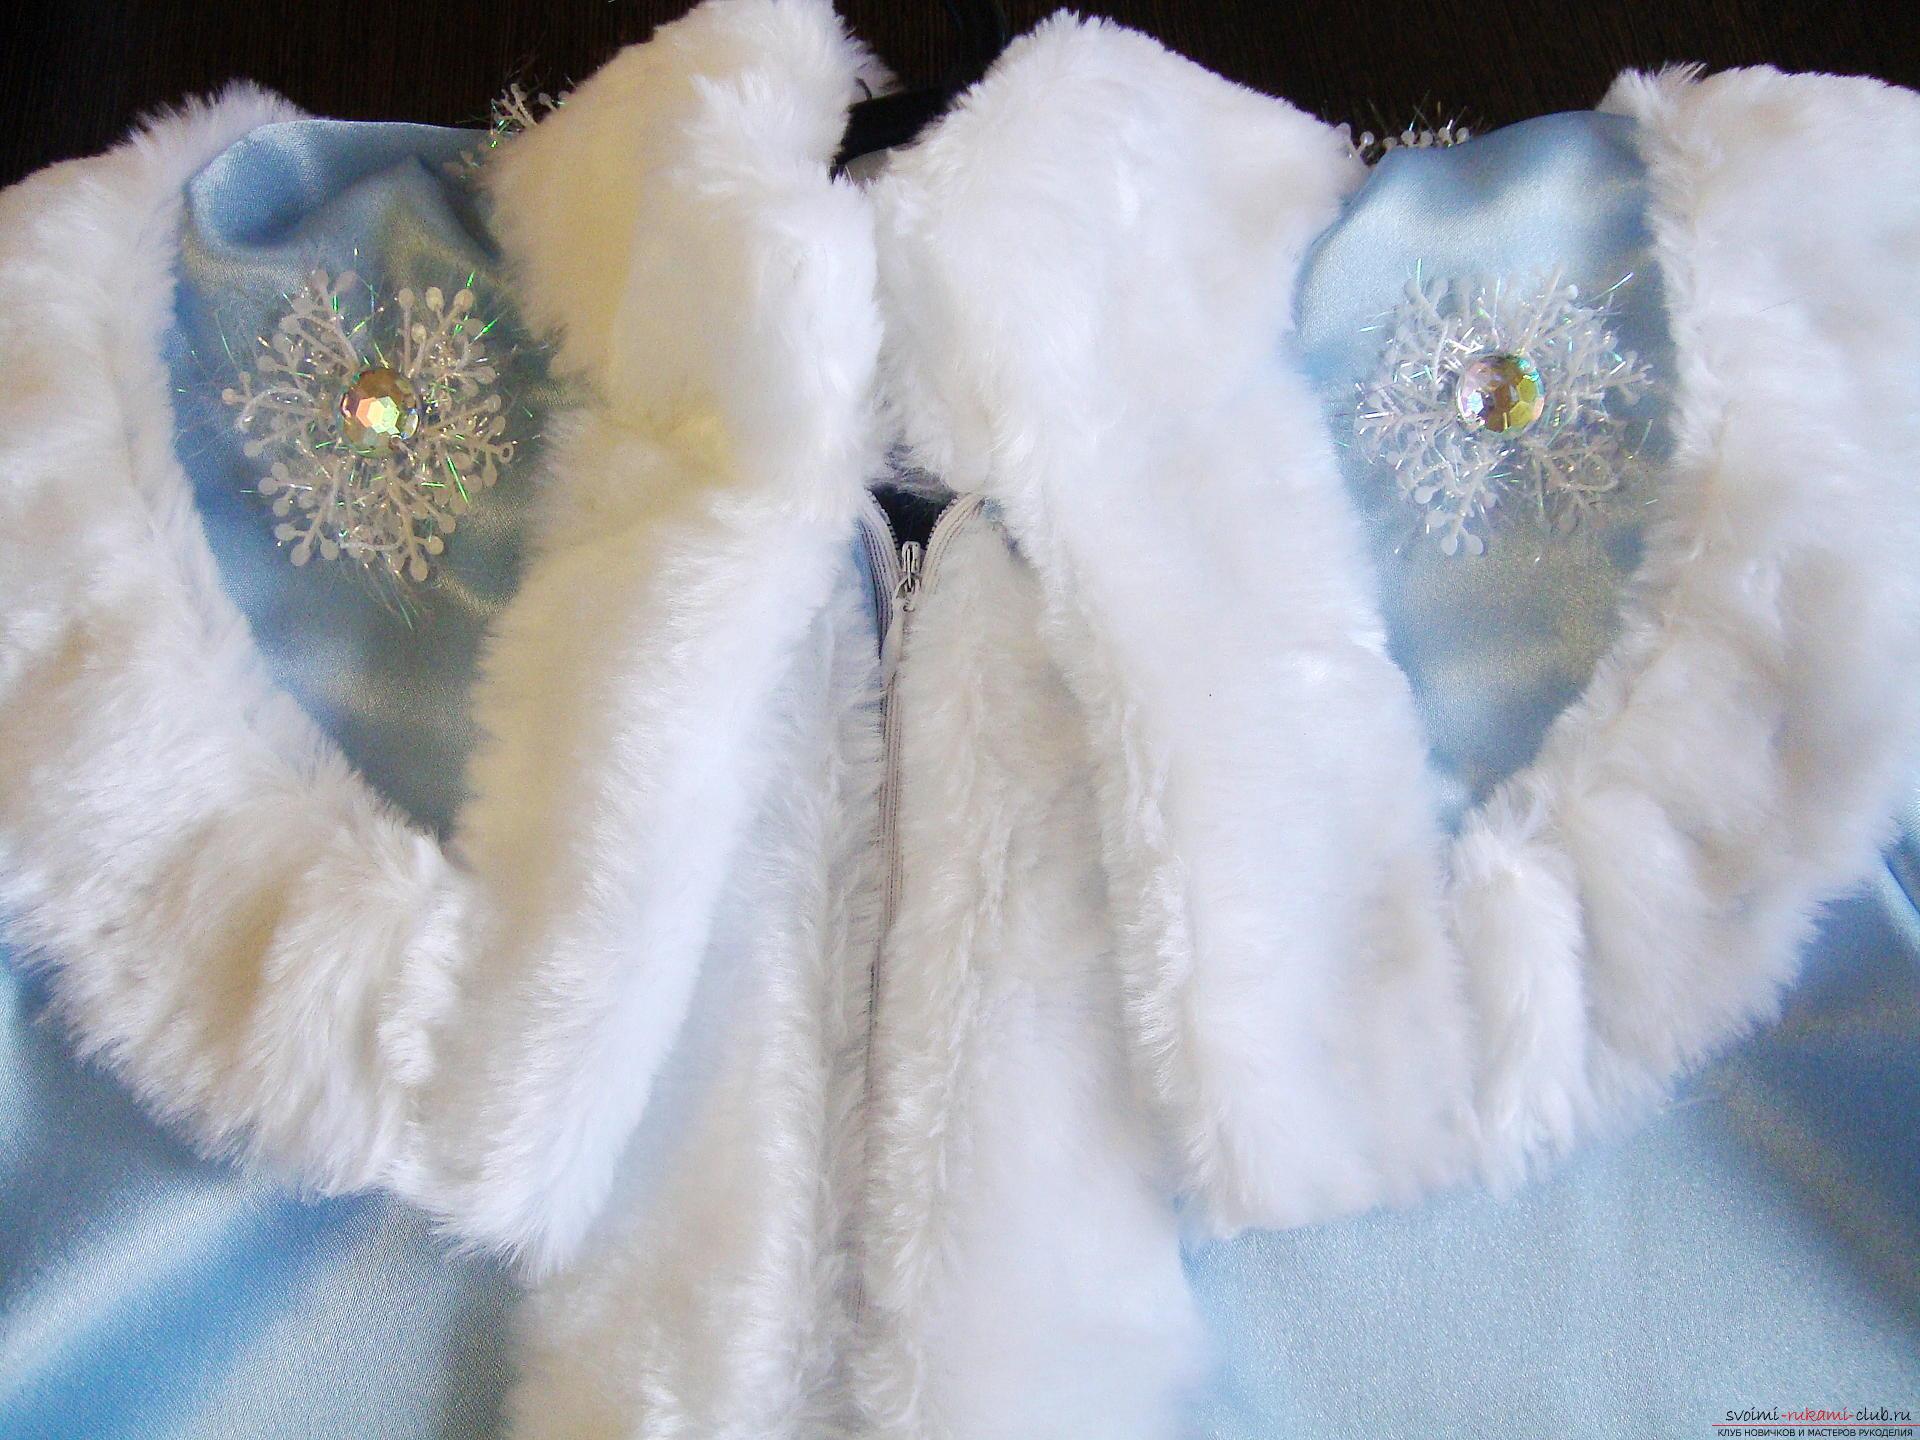 Карнавальные костюмы для девочки мама может сшить своими руками. Костюм Снегурочка понравится многим девочкам.. Фото №18